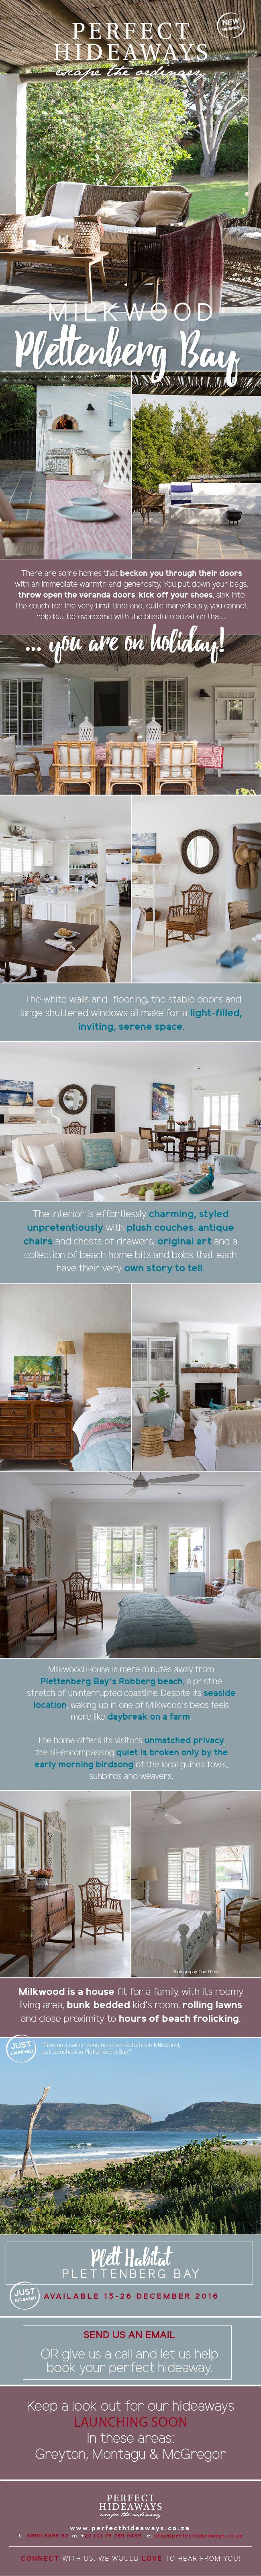 http://www.perfecthideaways.co.za/Details/Milkwood